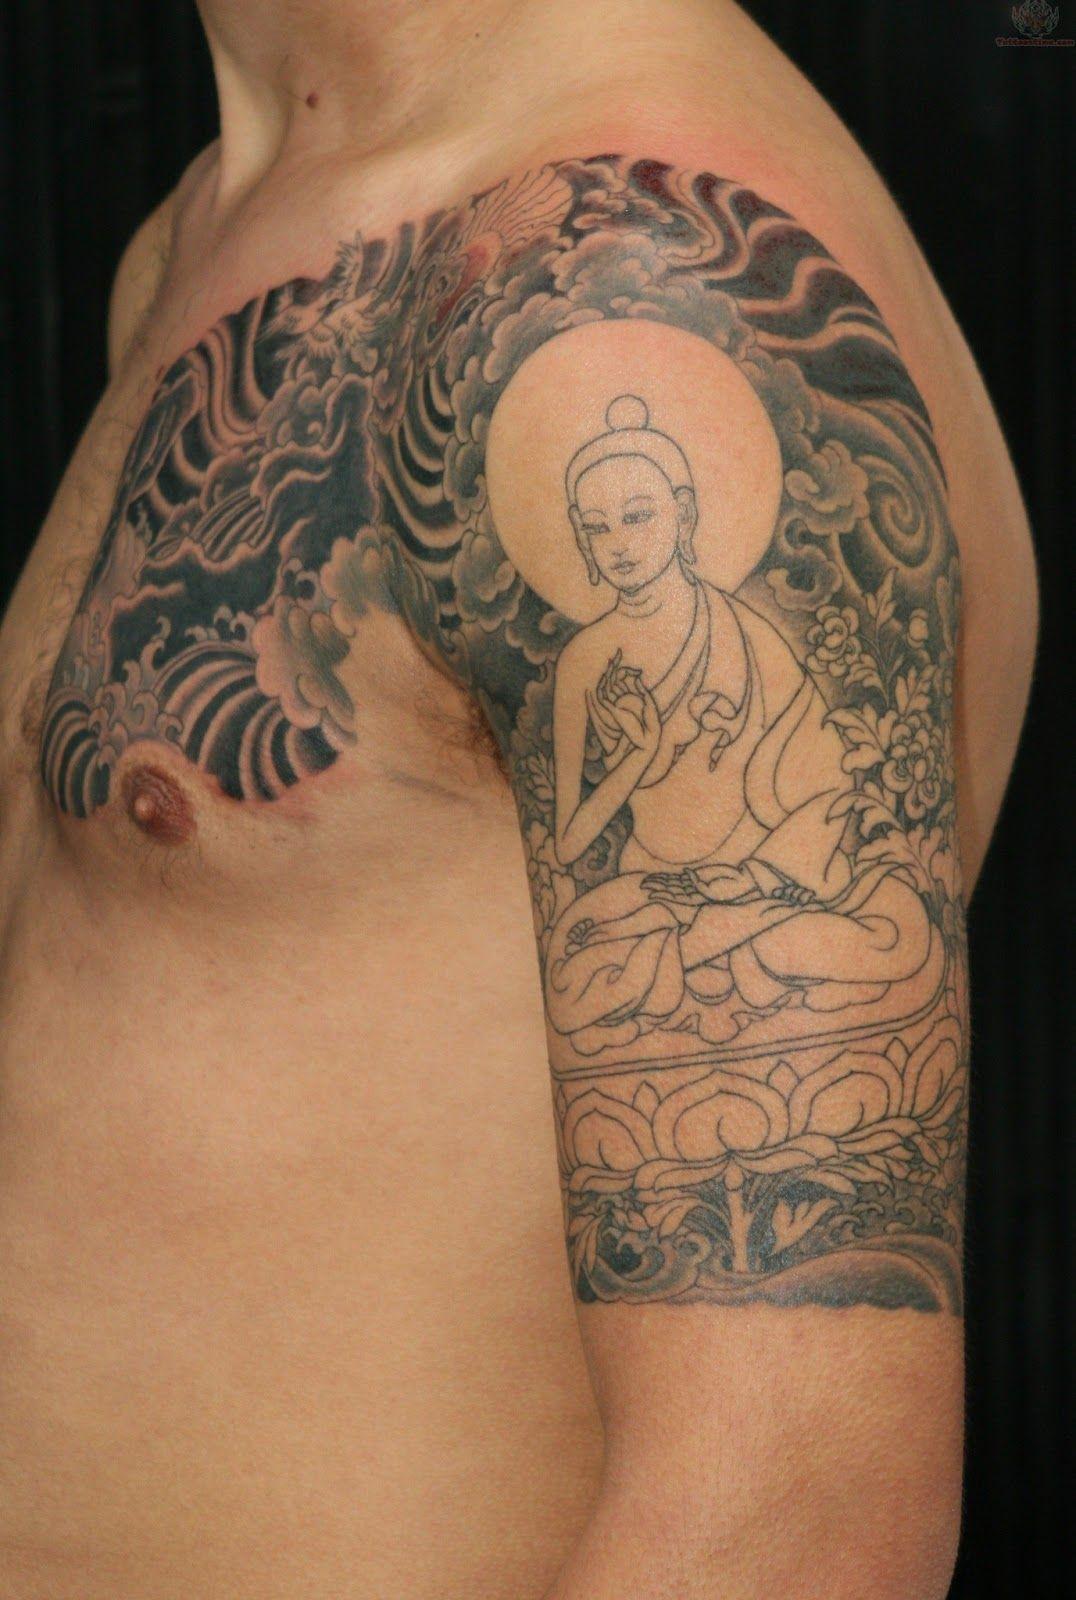 Leeslittlewonderland meaningful tattoos good ideas - My Tattoo Designs Buddha Tattoos